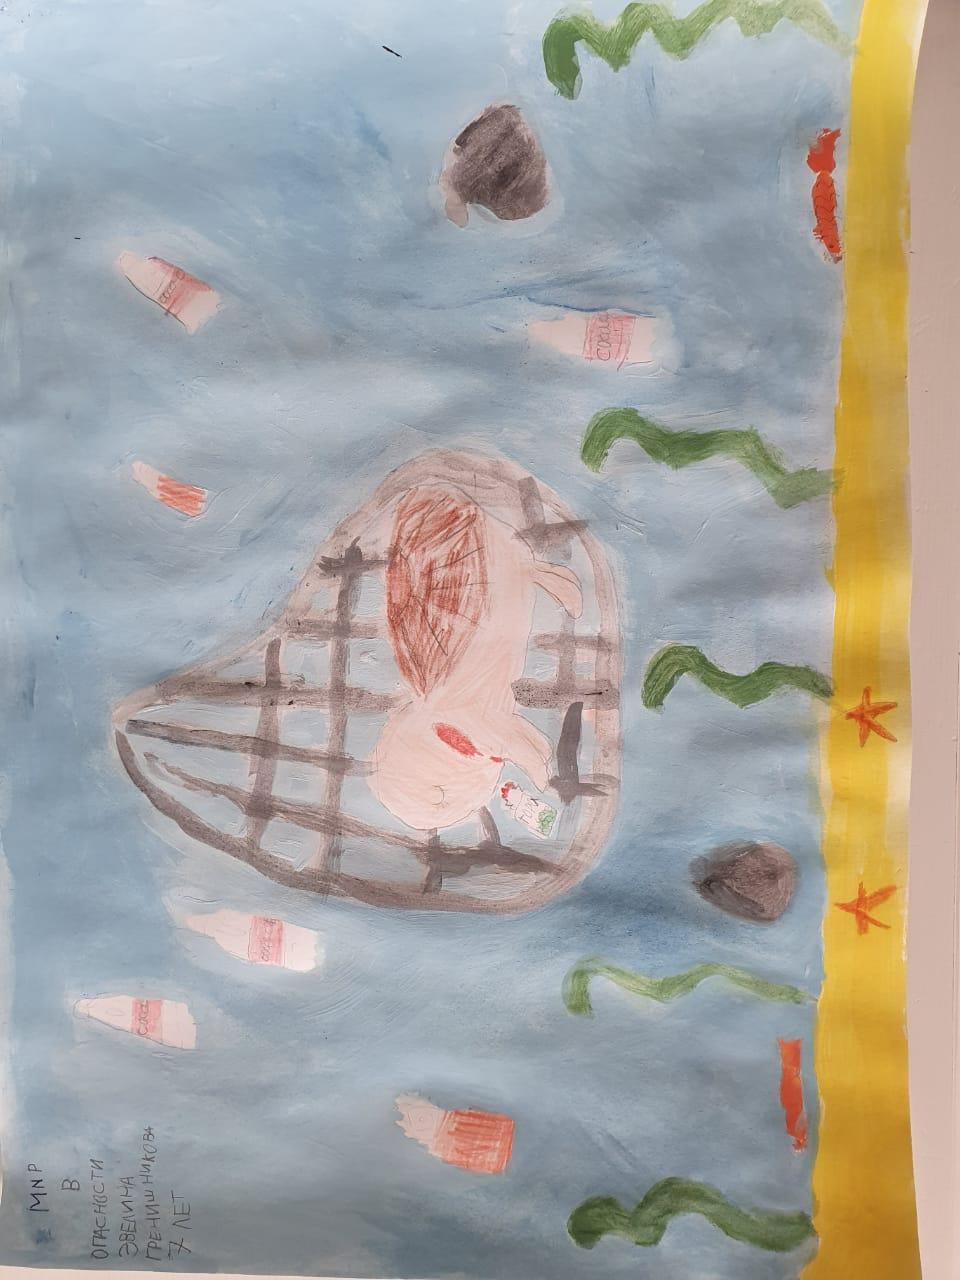 Мир в опасности. Гречишникова Эвелина, 7 лет. I премия